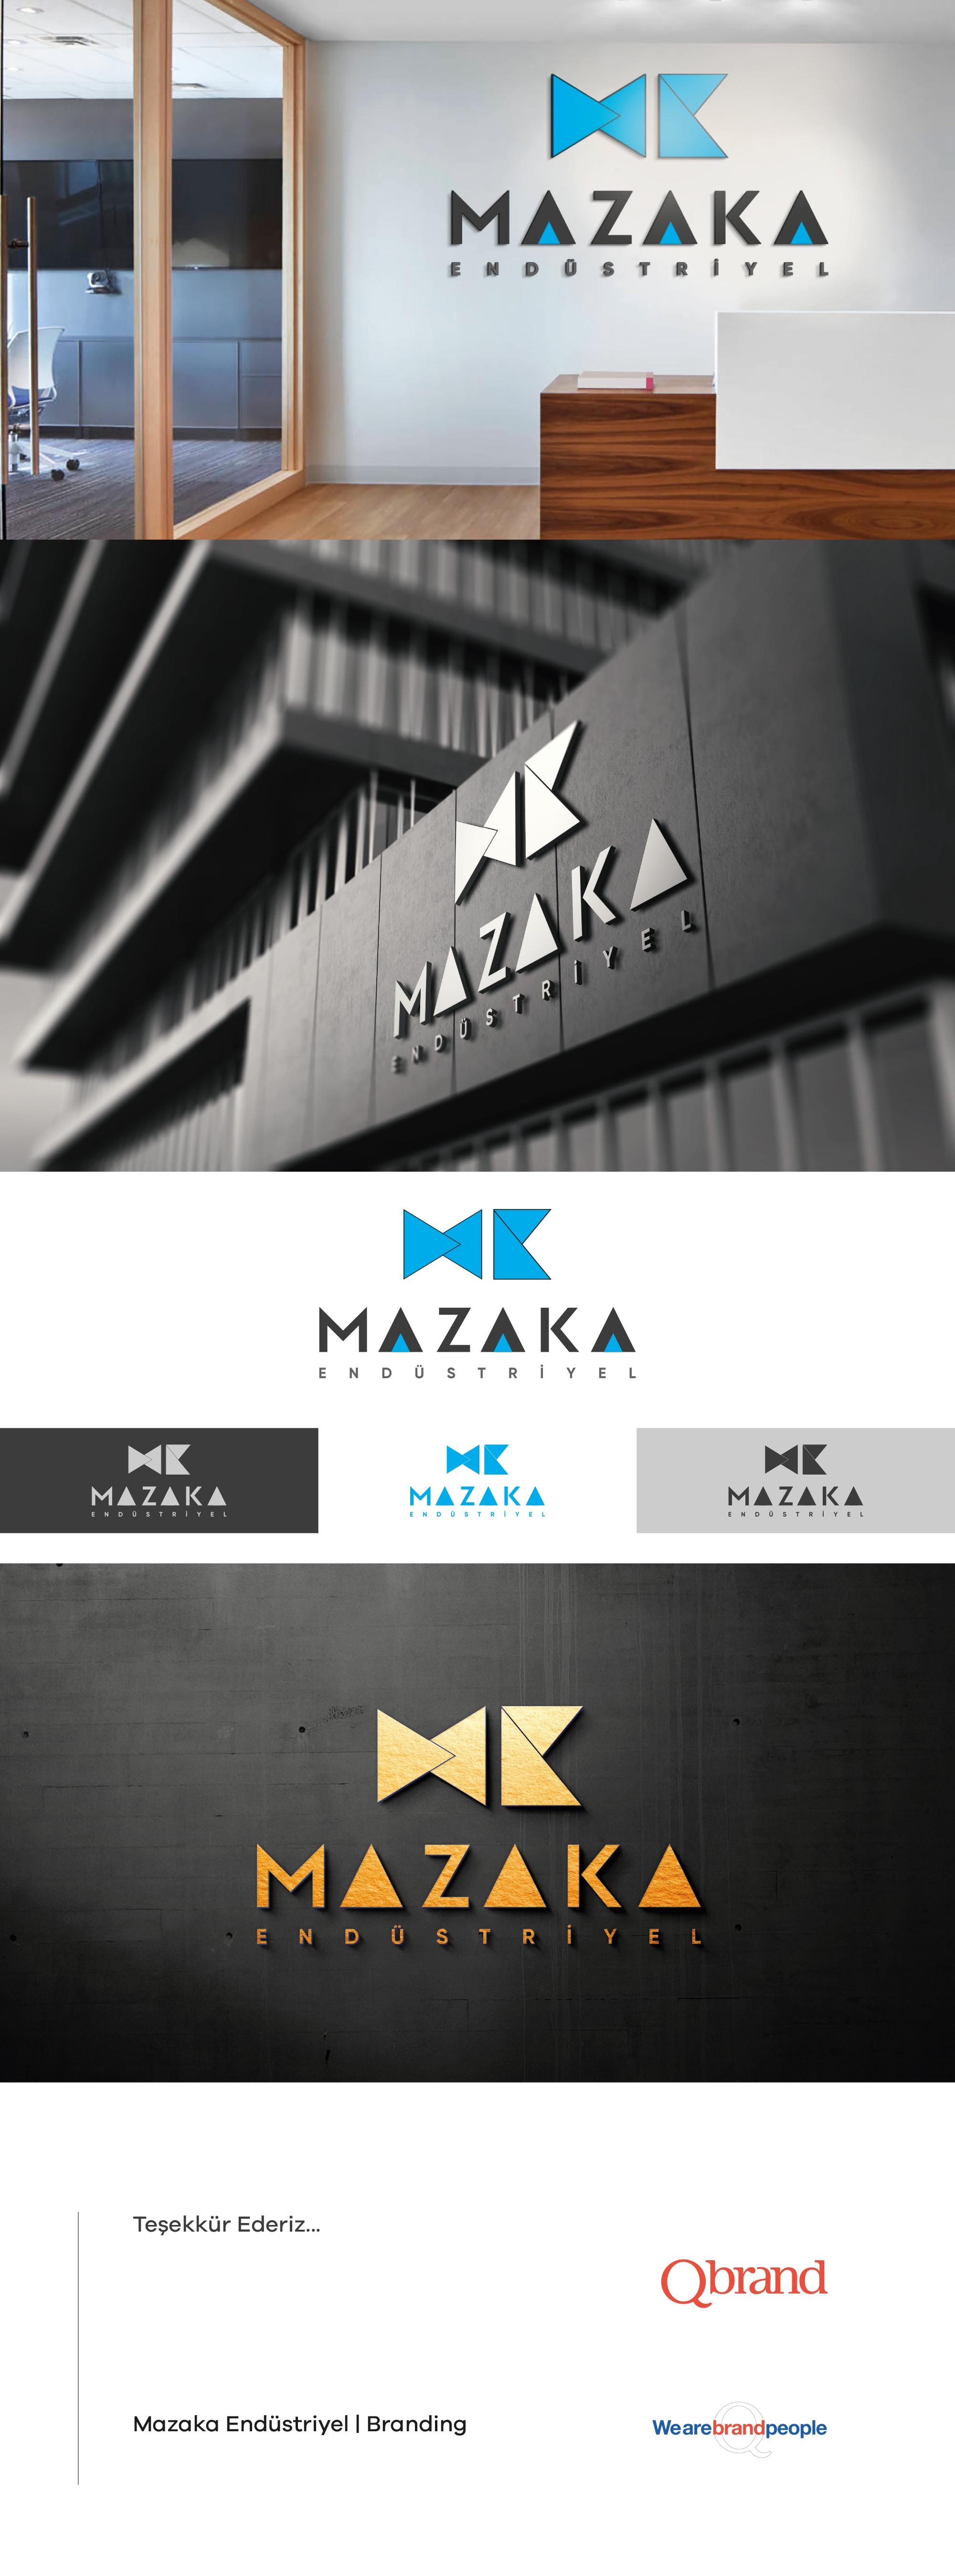 Ankara kurumsal kimlik tasarımı  Mazaka